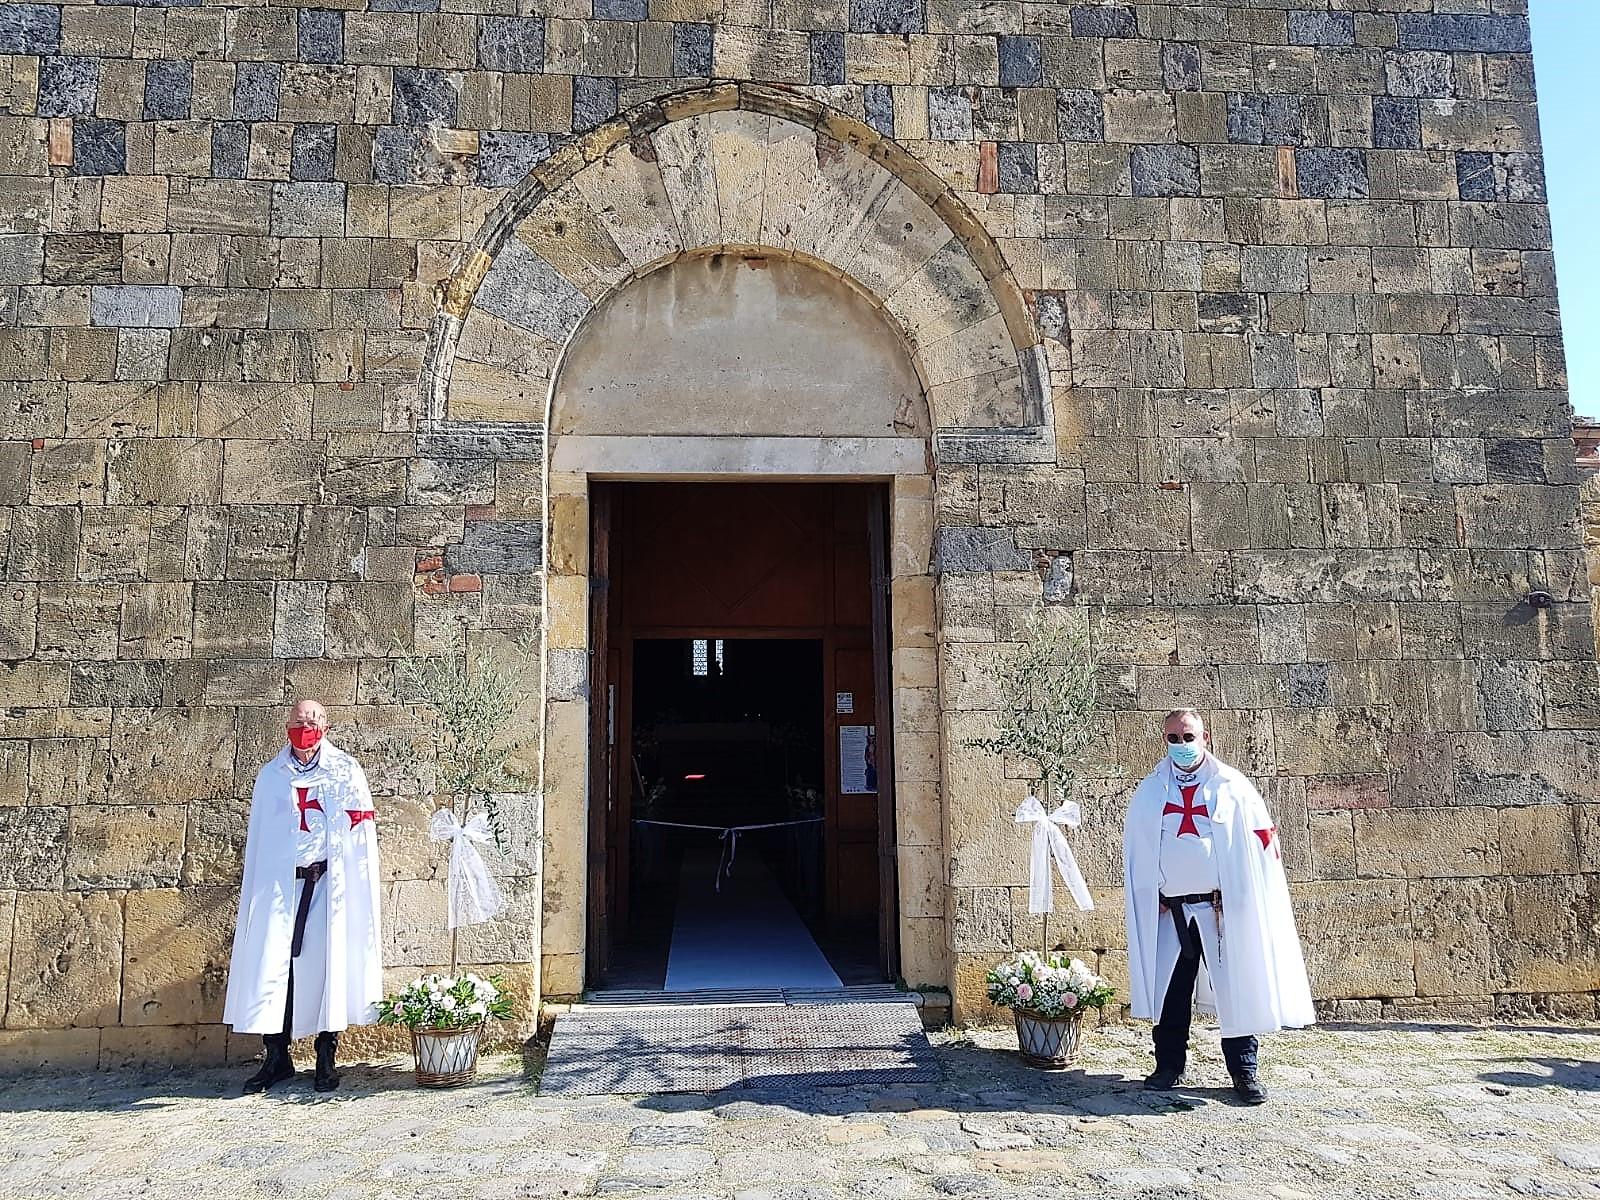 Custodia dell'abbazia dei Santi Salvatore e Cirino ad Abbadia Isola e della chiesa di Santa Maria Assunta a Monteriggioni (Siena) 12.09.2021